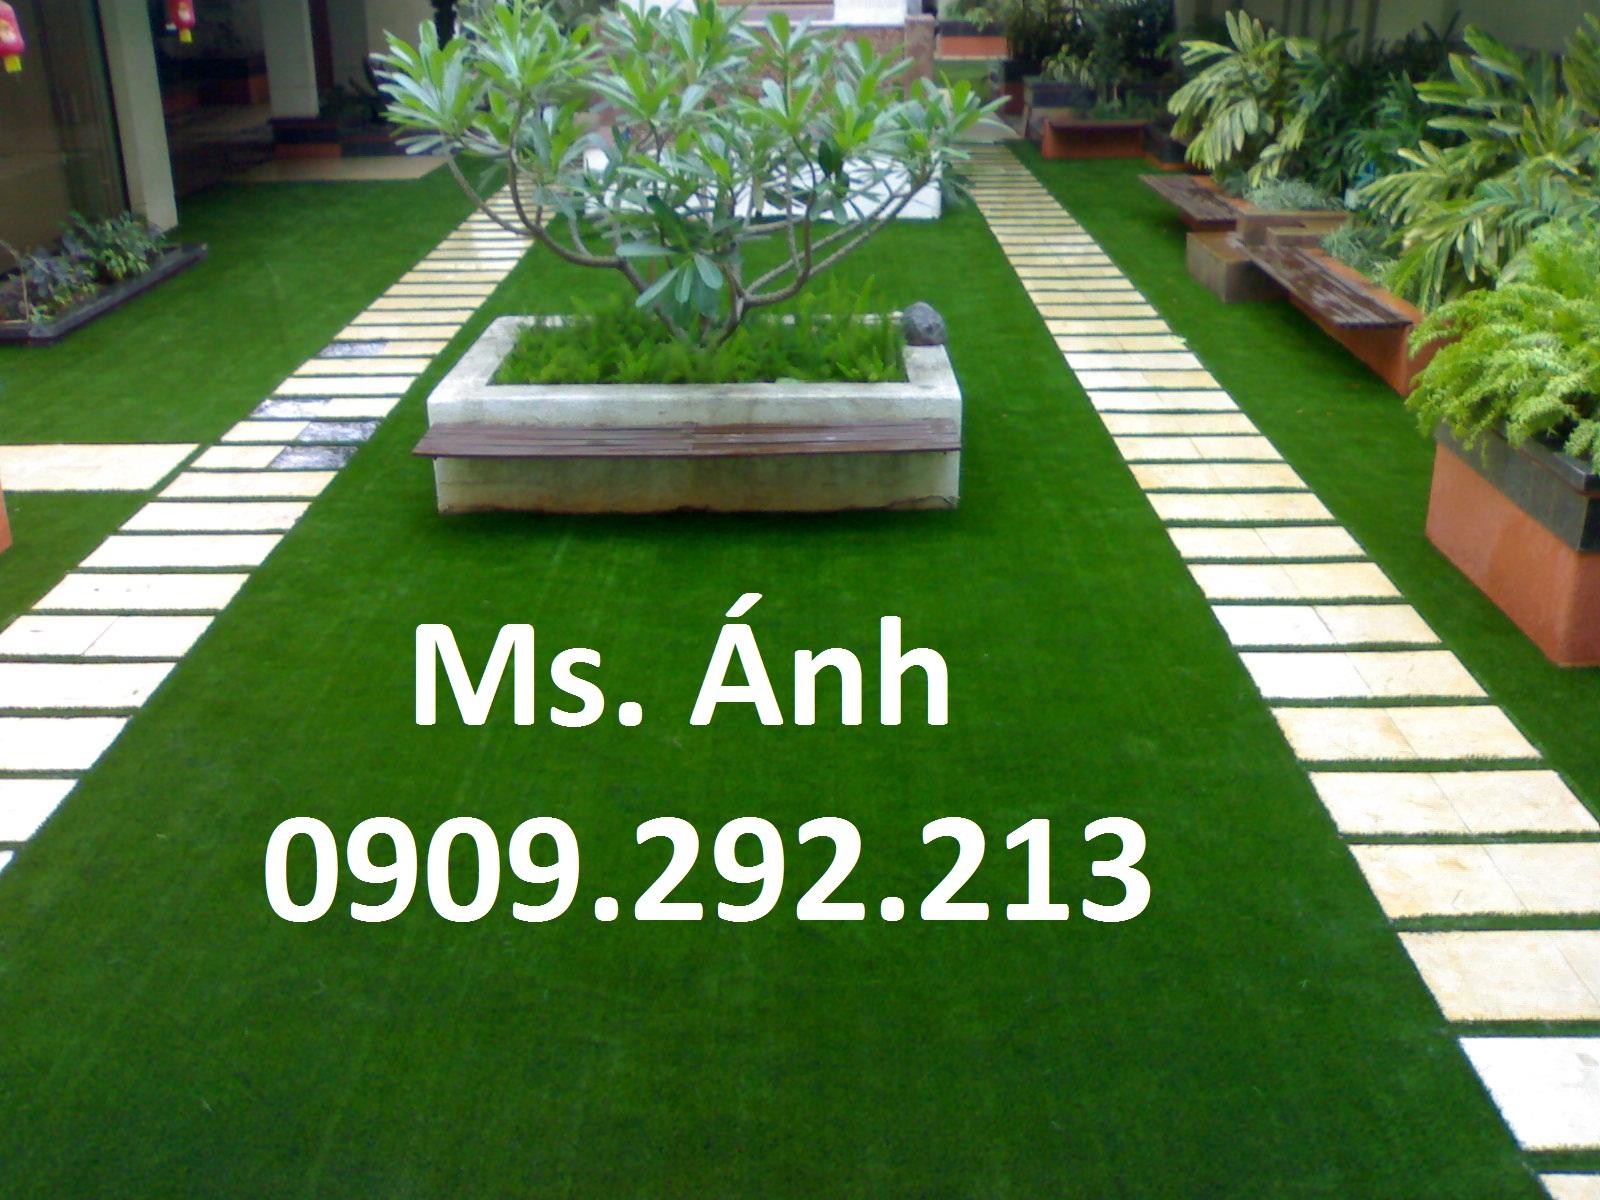 Ứng dụng cỏ nhân tạo sân vườn trang trí văn phòng sang trọng đầy sức sống